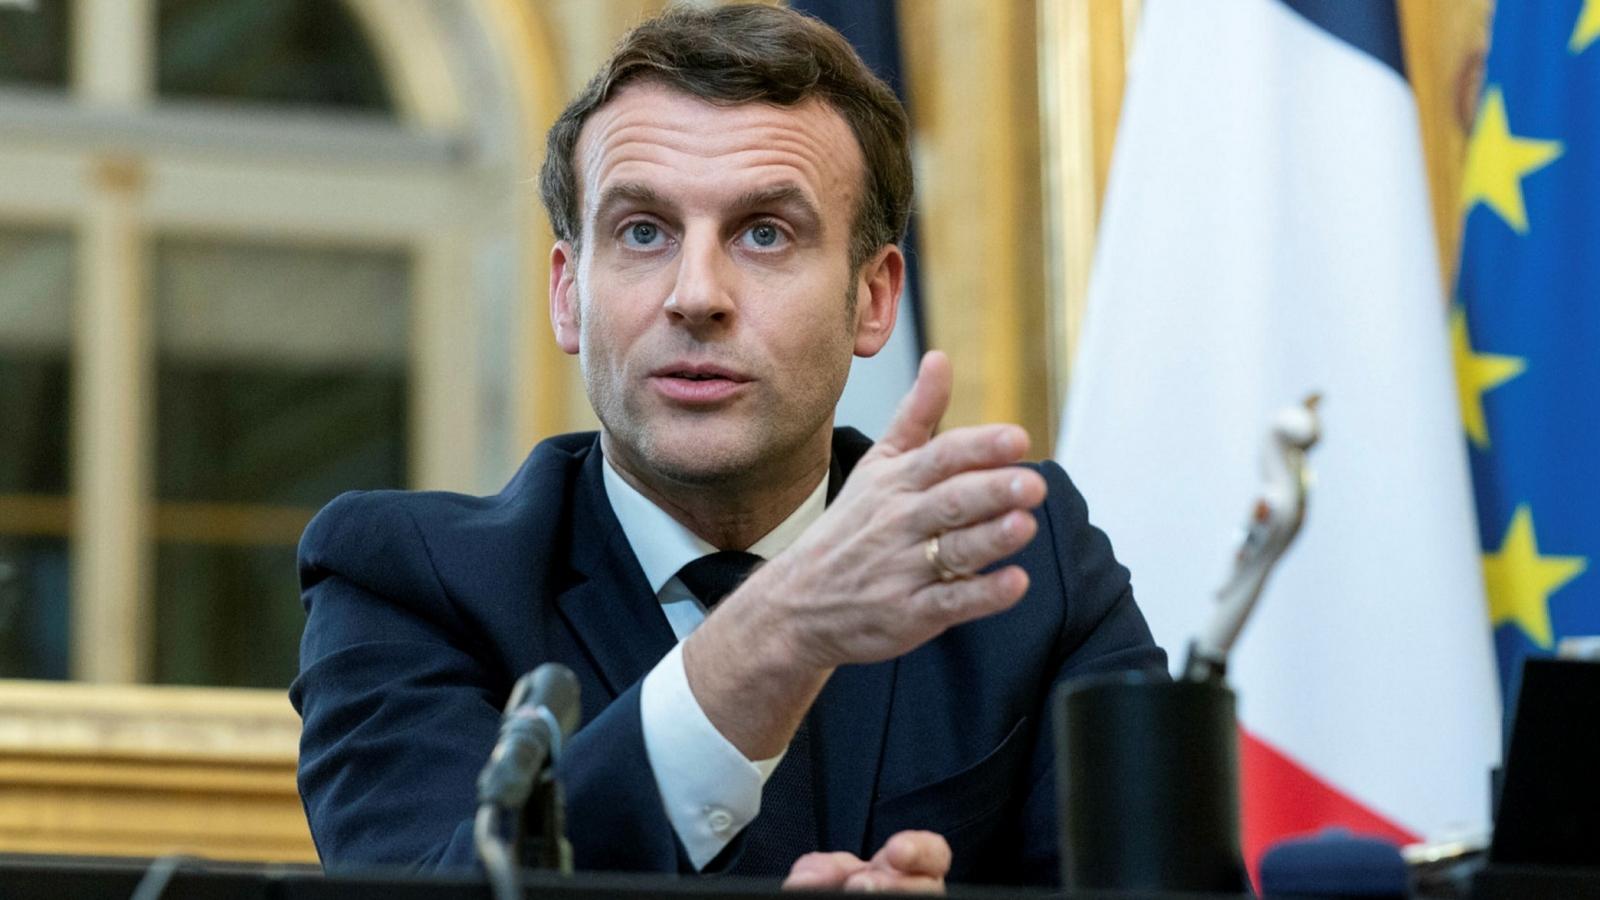 Pháp cảnh báo nguy cơ IS và Al Qeada trỗi dậy